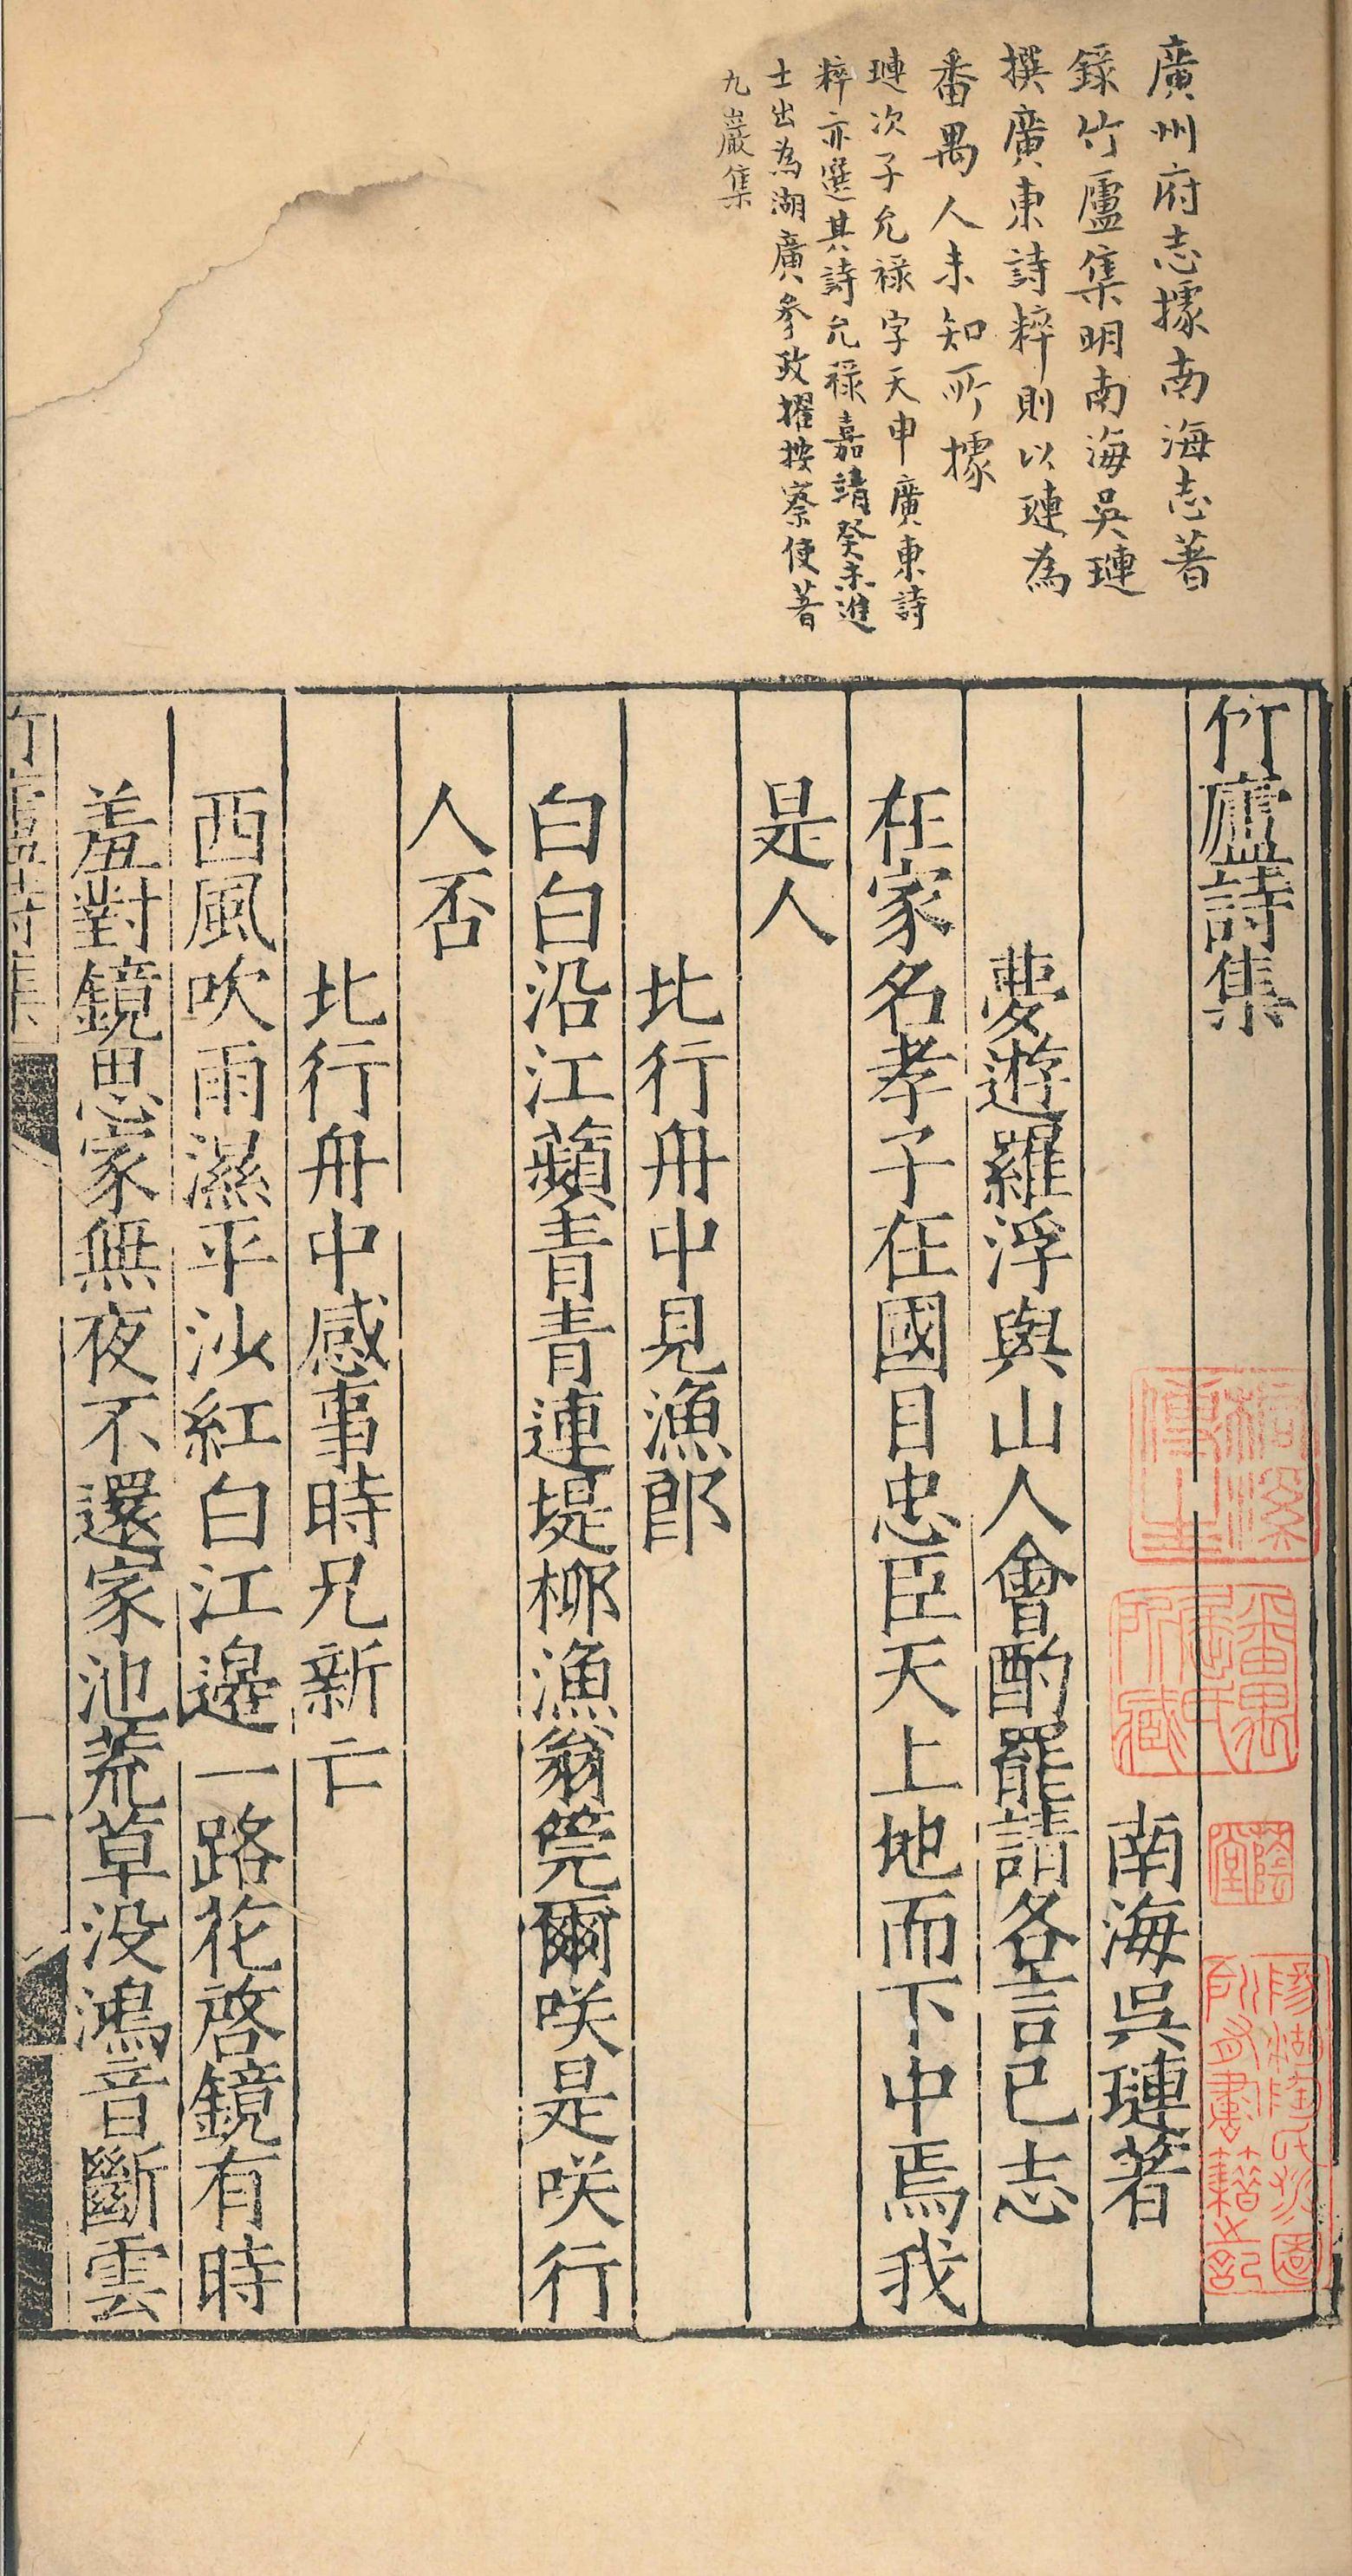 Zhu lu shi ji